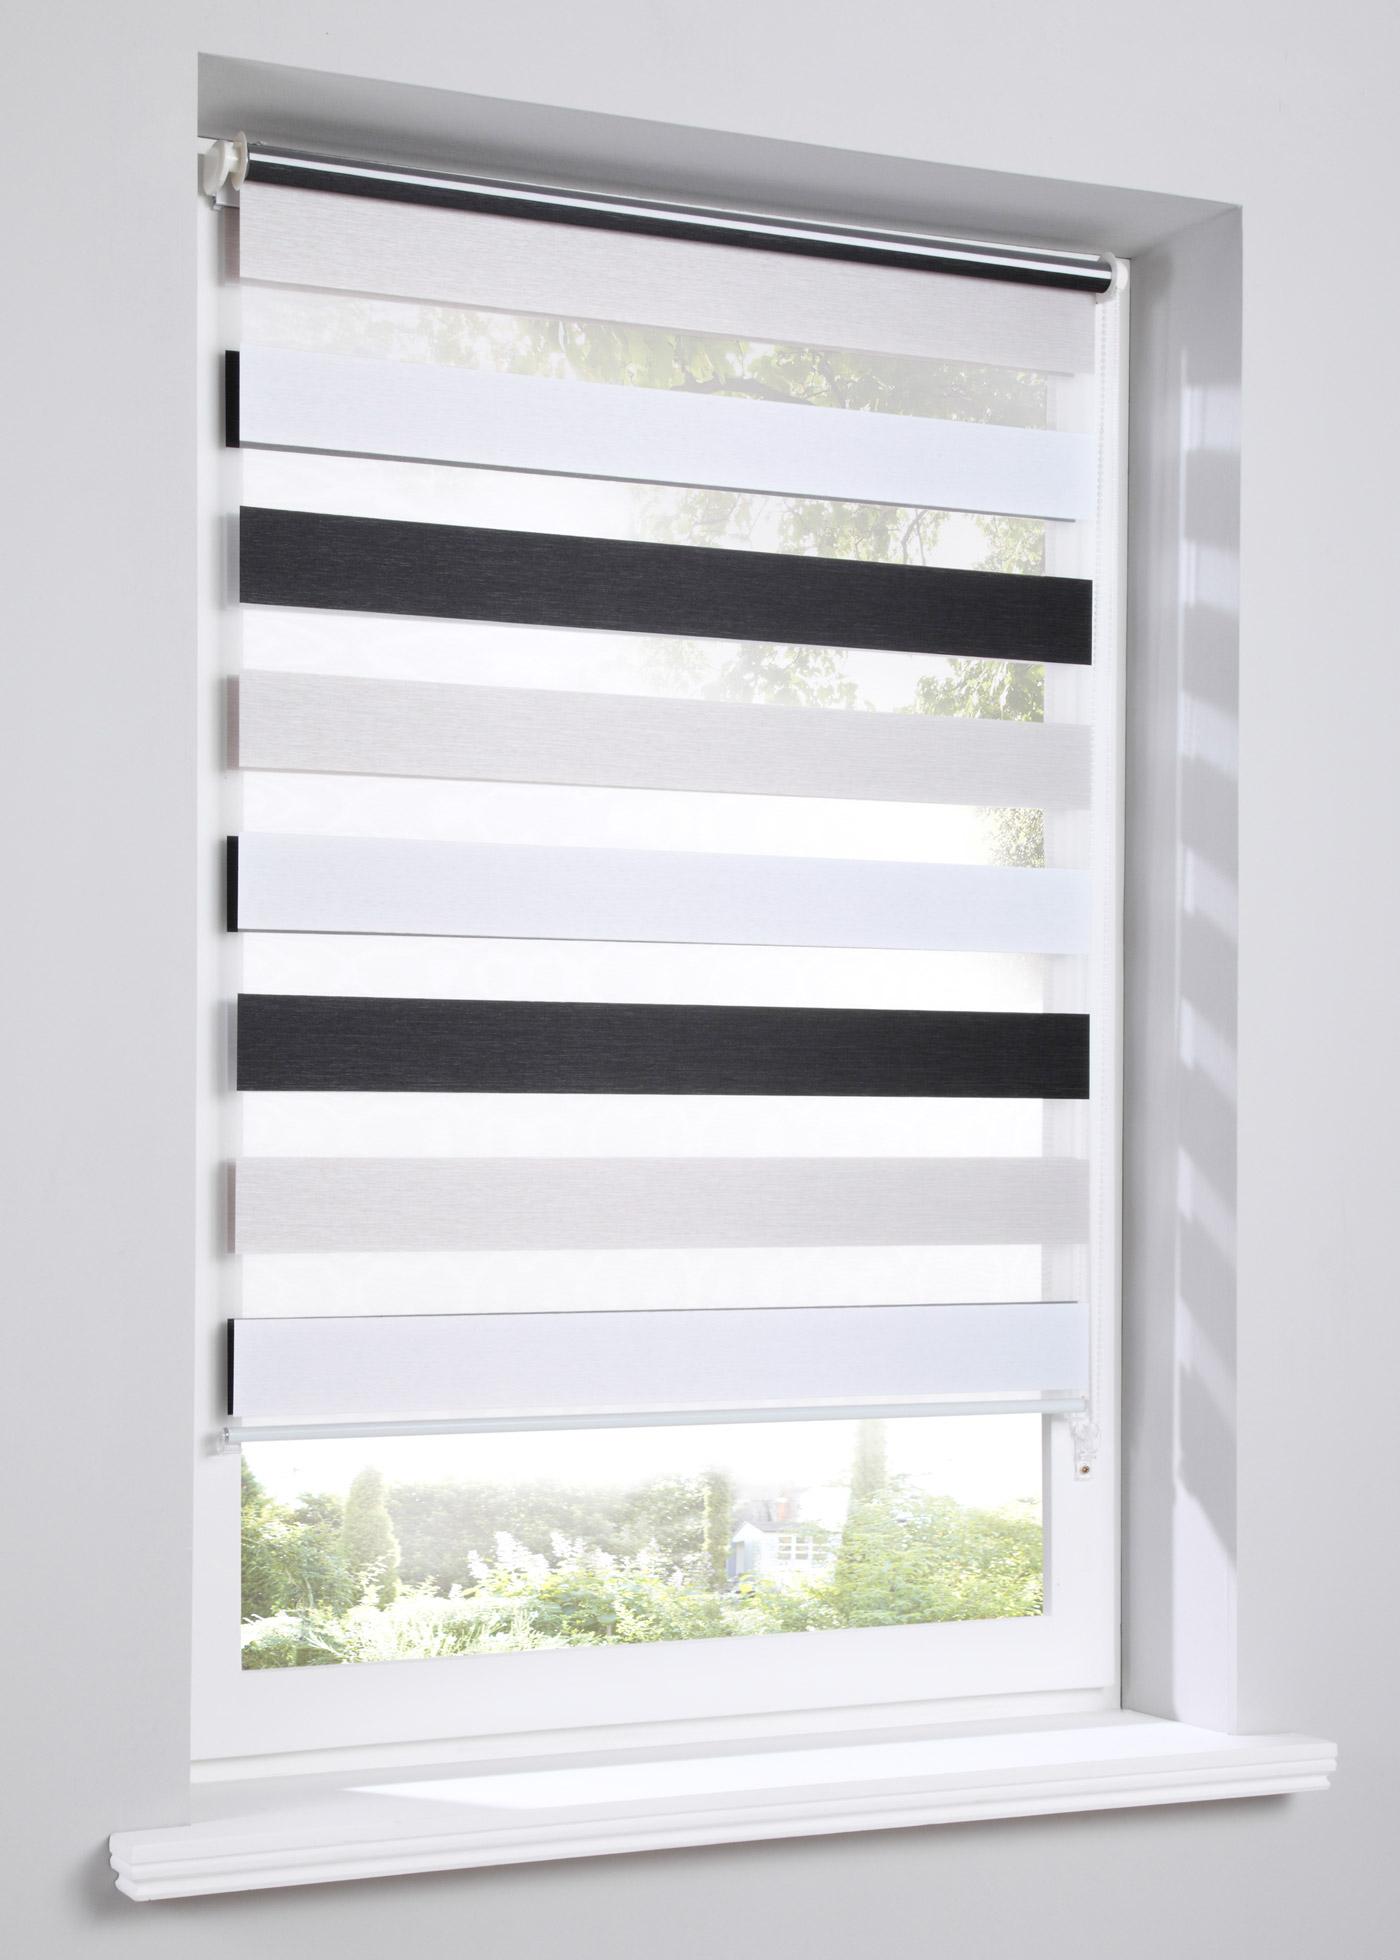 """Store double à rayures, pose facile - sans perçage - se clipse directement sur le cadre de la fenêtre (pour un châssis de fenêtre jusqu""""à 1,6 cm), cordon sur la droite, deux bandes de tissu parallèles se superposent ou juxtaposent en continu pour obt"""